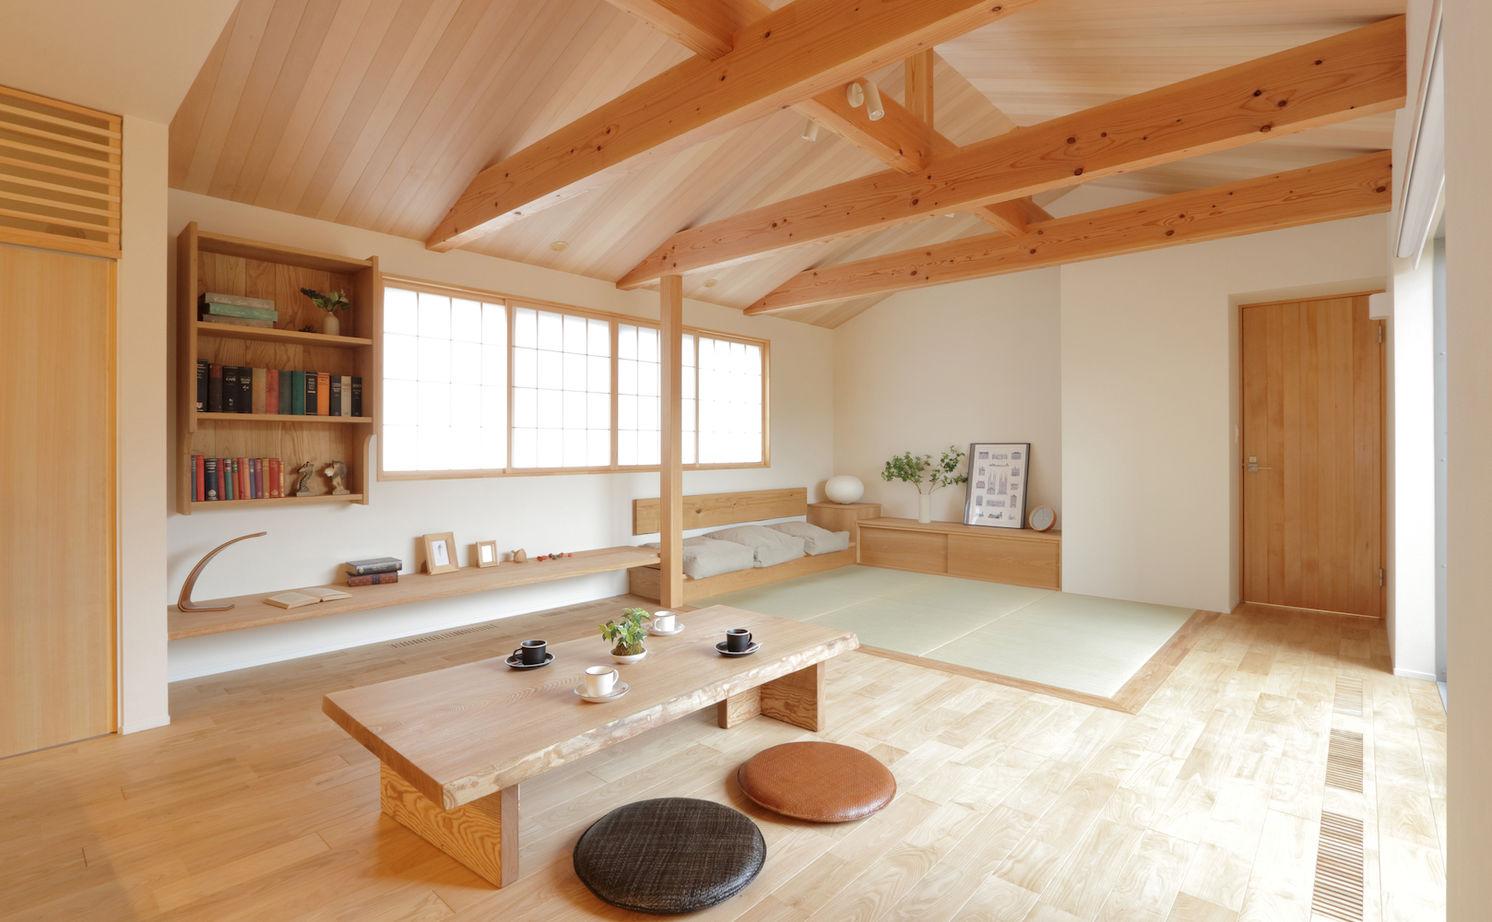 座卓に濡縁に板張りで仕上げた勾配天井。「ほっこり寛ぐ」がテーマの庭を望む家画像2